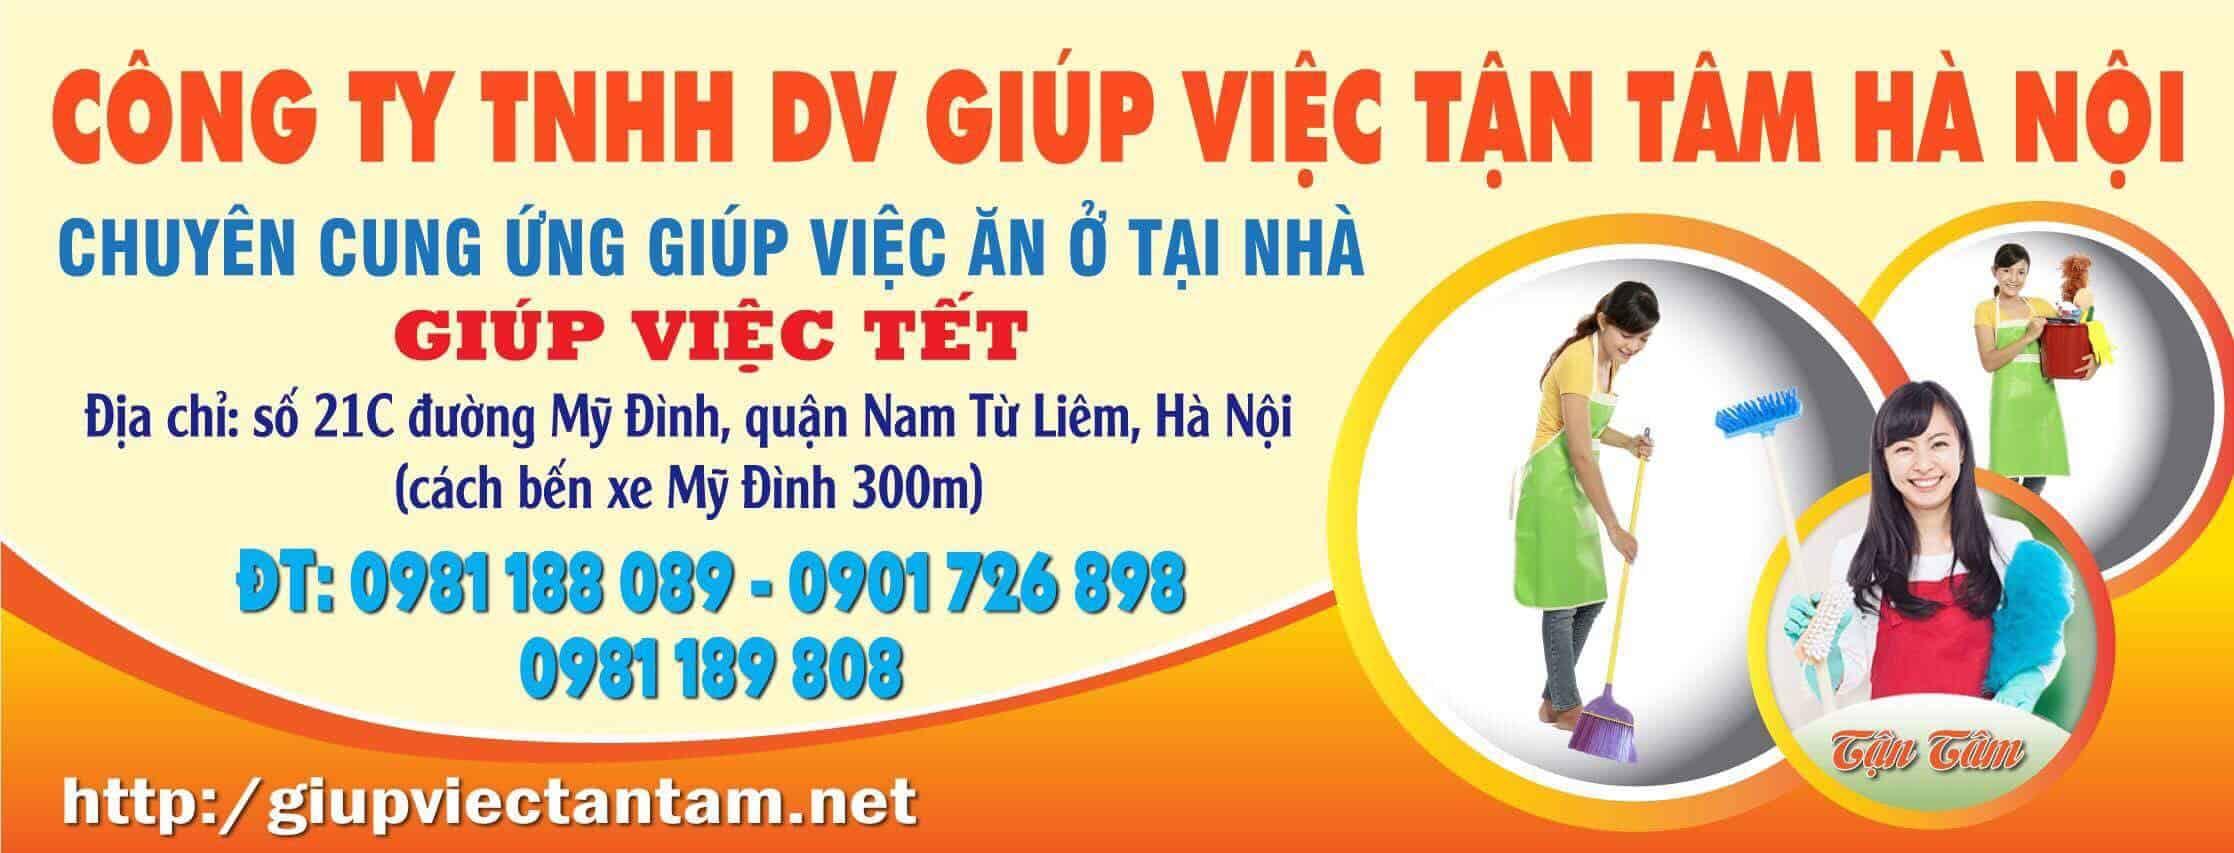 Top 10 Trung Tâm Giúp Việc Nhà Uy Tín Tại Hà Nội - trung tâm giúp việc nhà uy tín tại hà nội - Giúp Việc 88 | Giúp Việc An Tâm | Giúp Việc Home Care 29